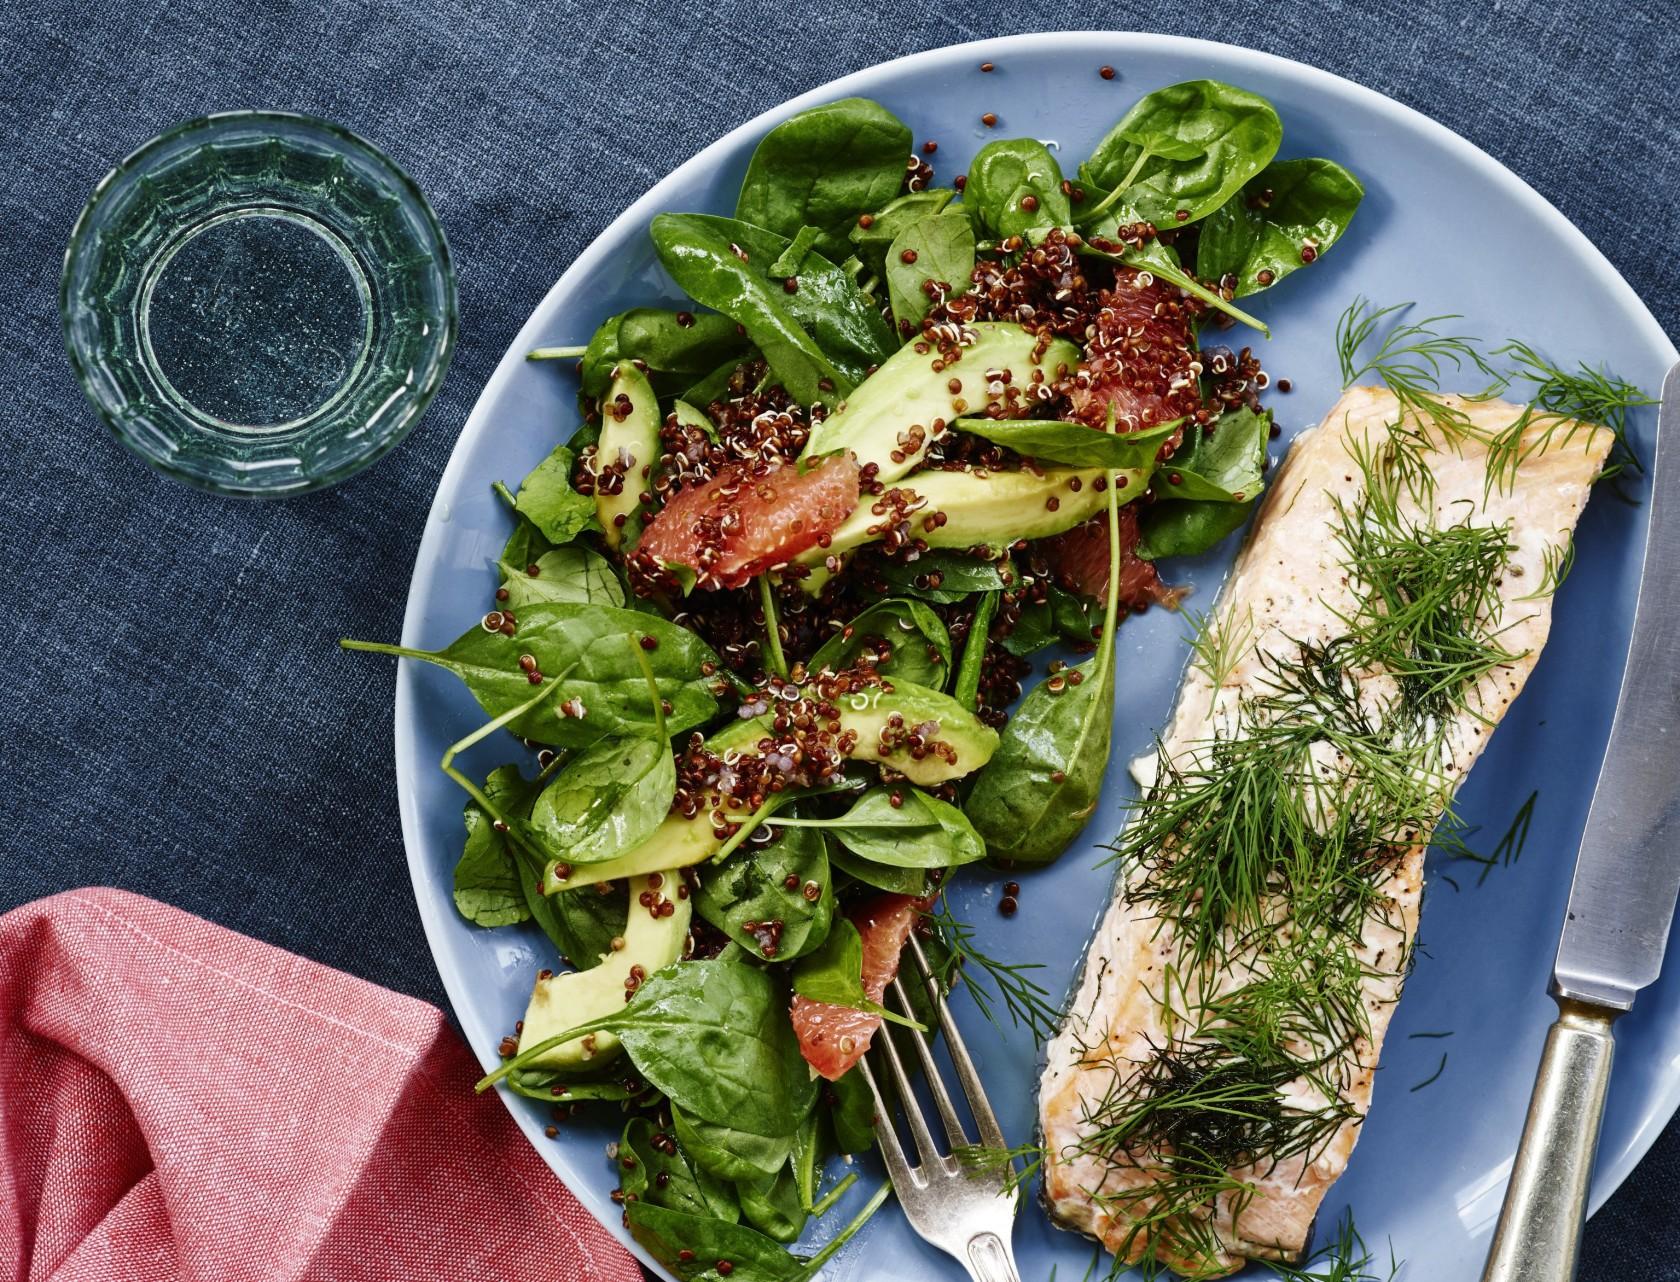 Laks i ovn med en lækker fyldig salat.